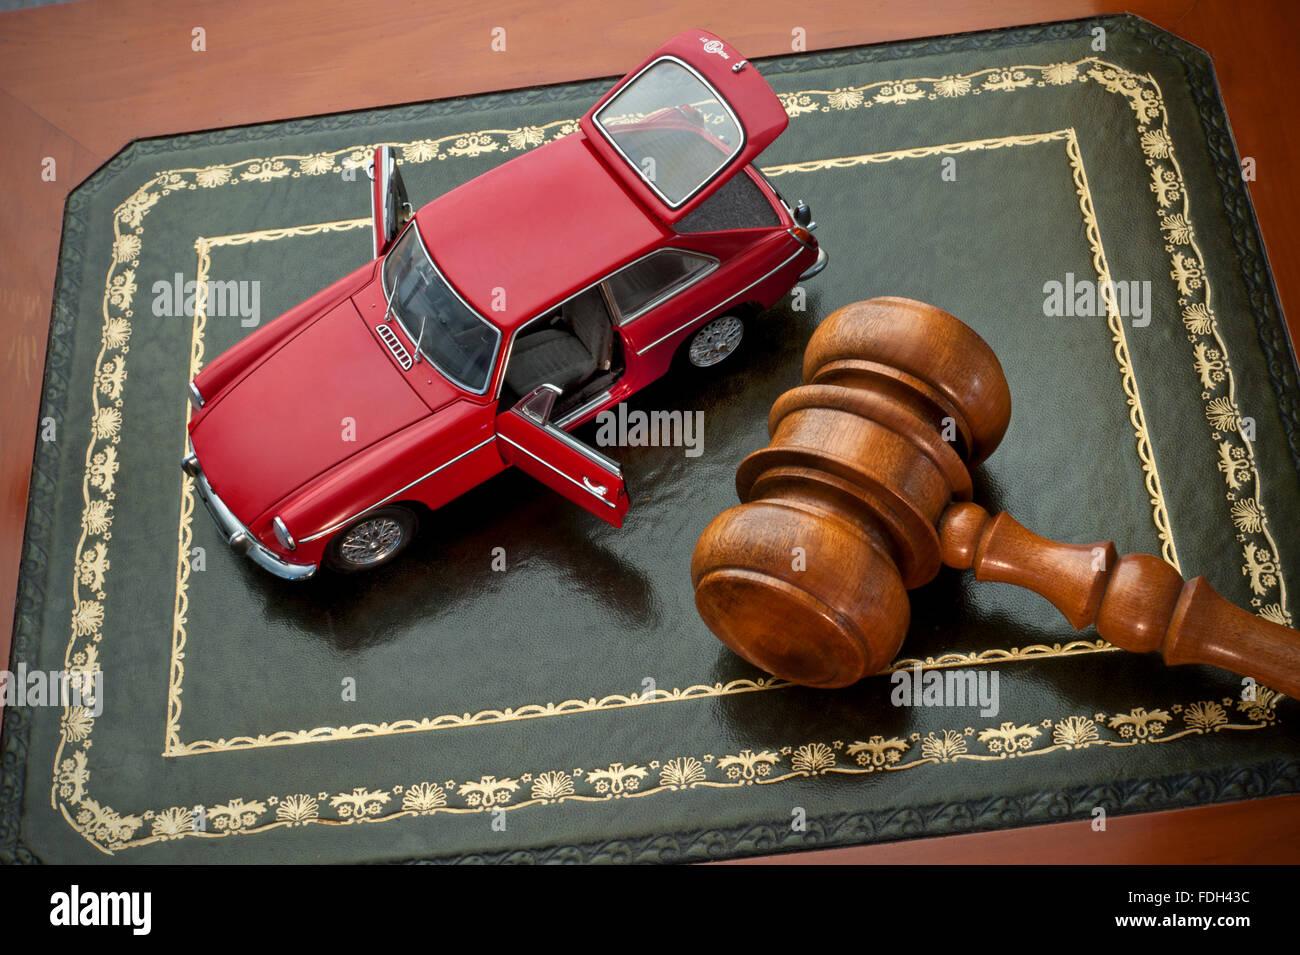 Notion de droit d'enchère de voiture vintage rouge immaculée avec MGB GT cuir 1969 sur vente aux enchères bureau Banque D'Images